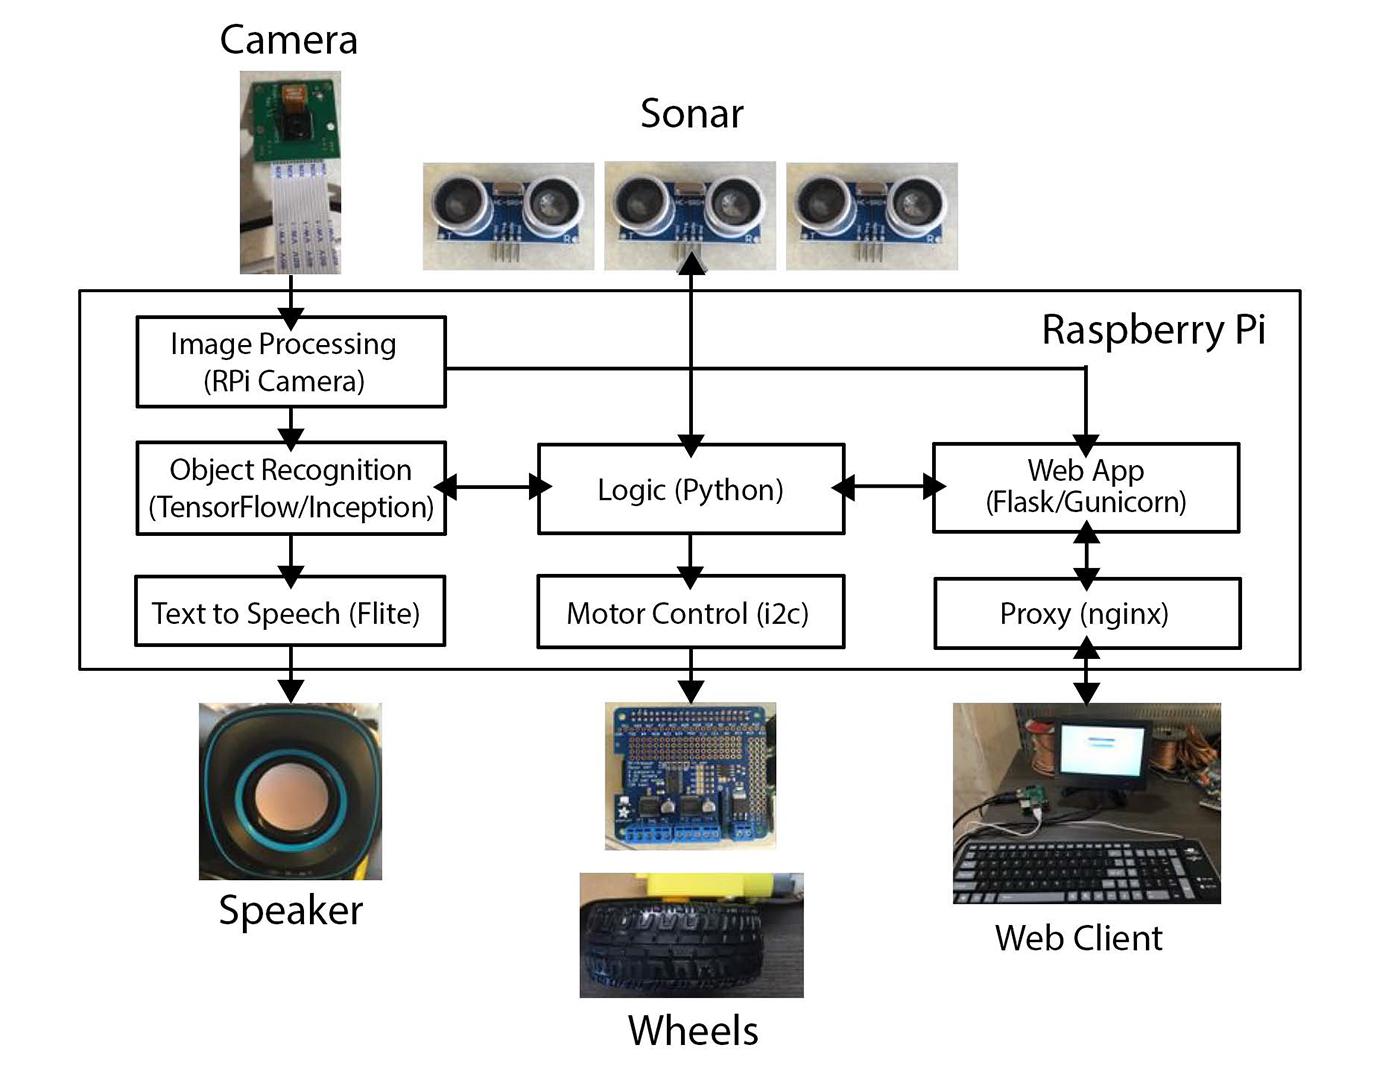 Deep learning to identify objects (TensorFlow)